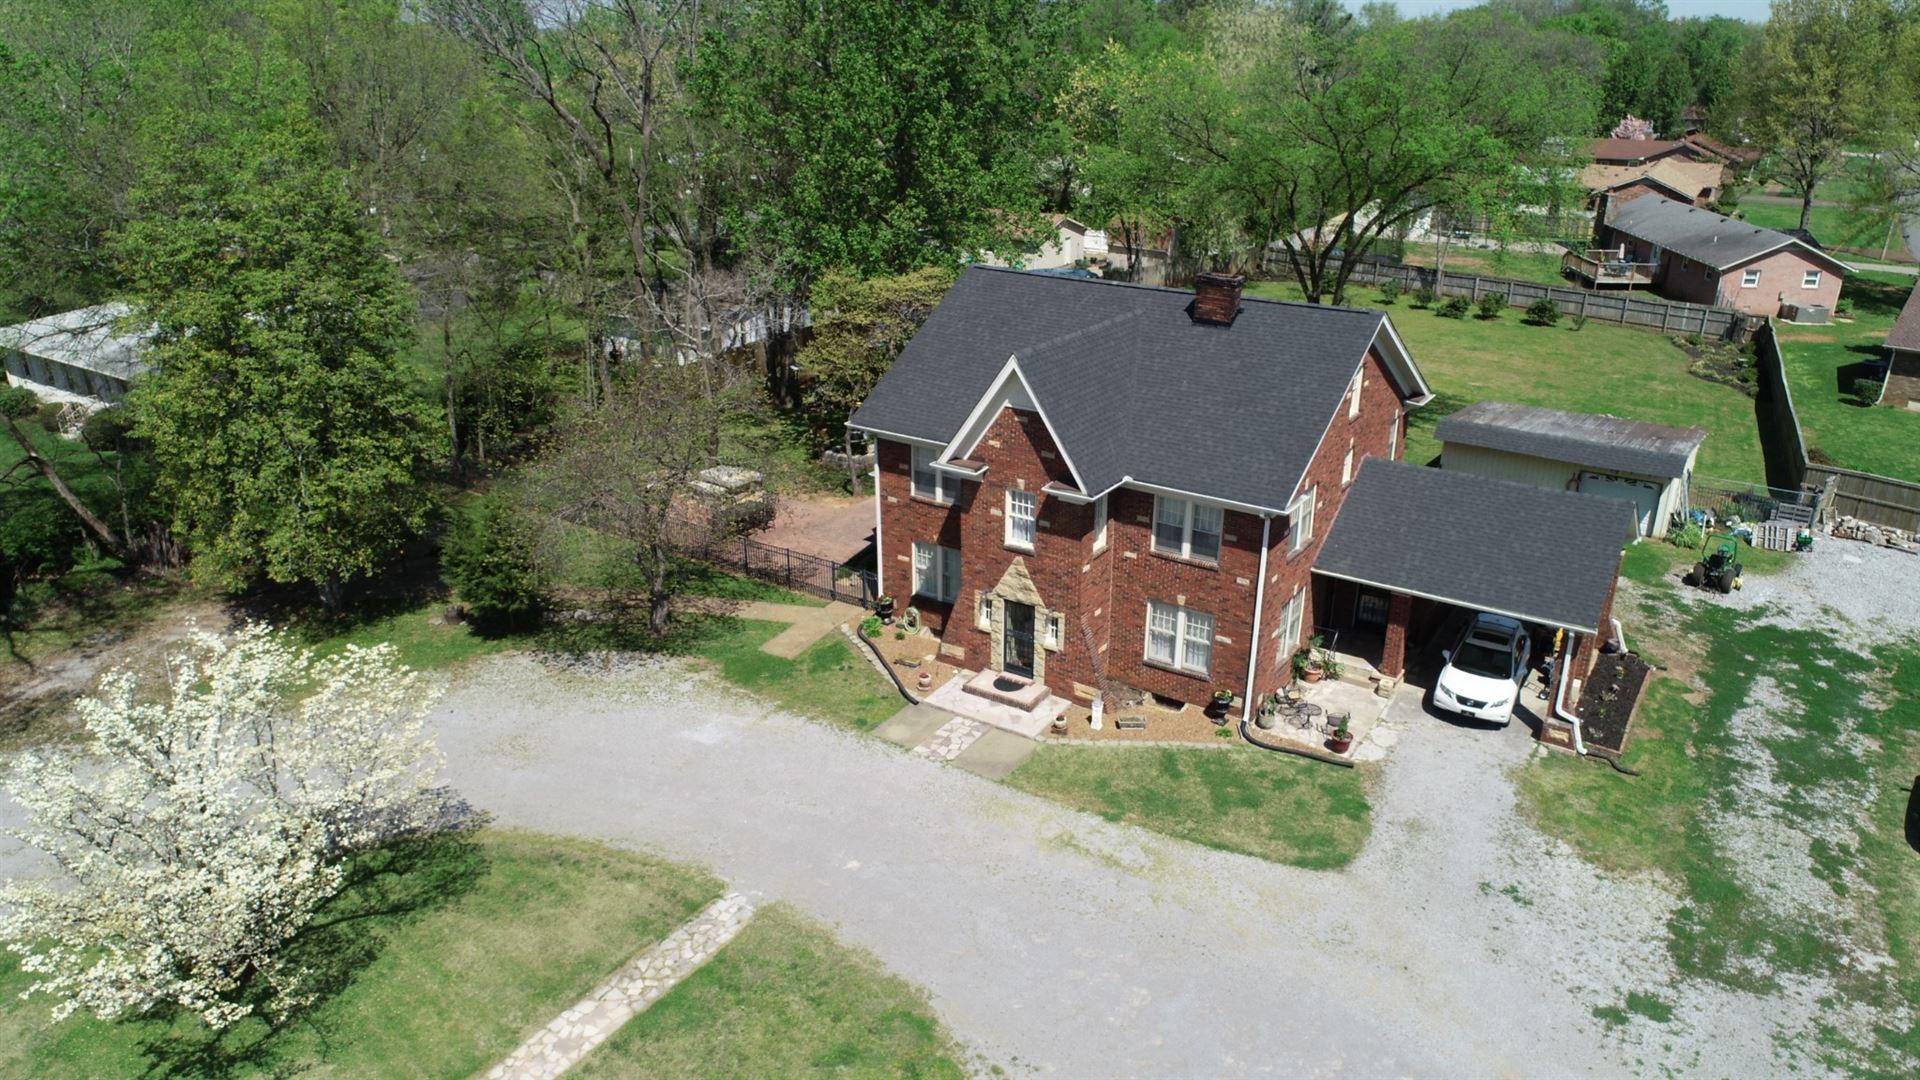 Photo of 2415 E Main St, Murfreesboro, TN 37127 (MLS # 2259433)